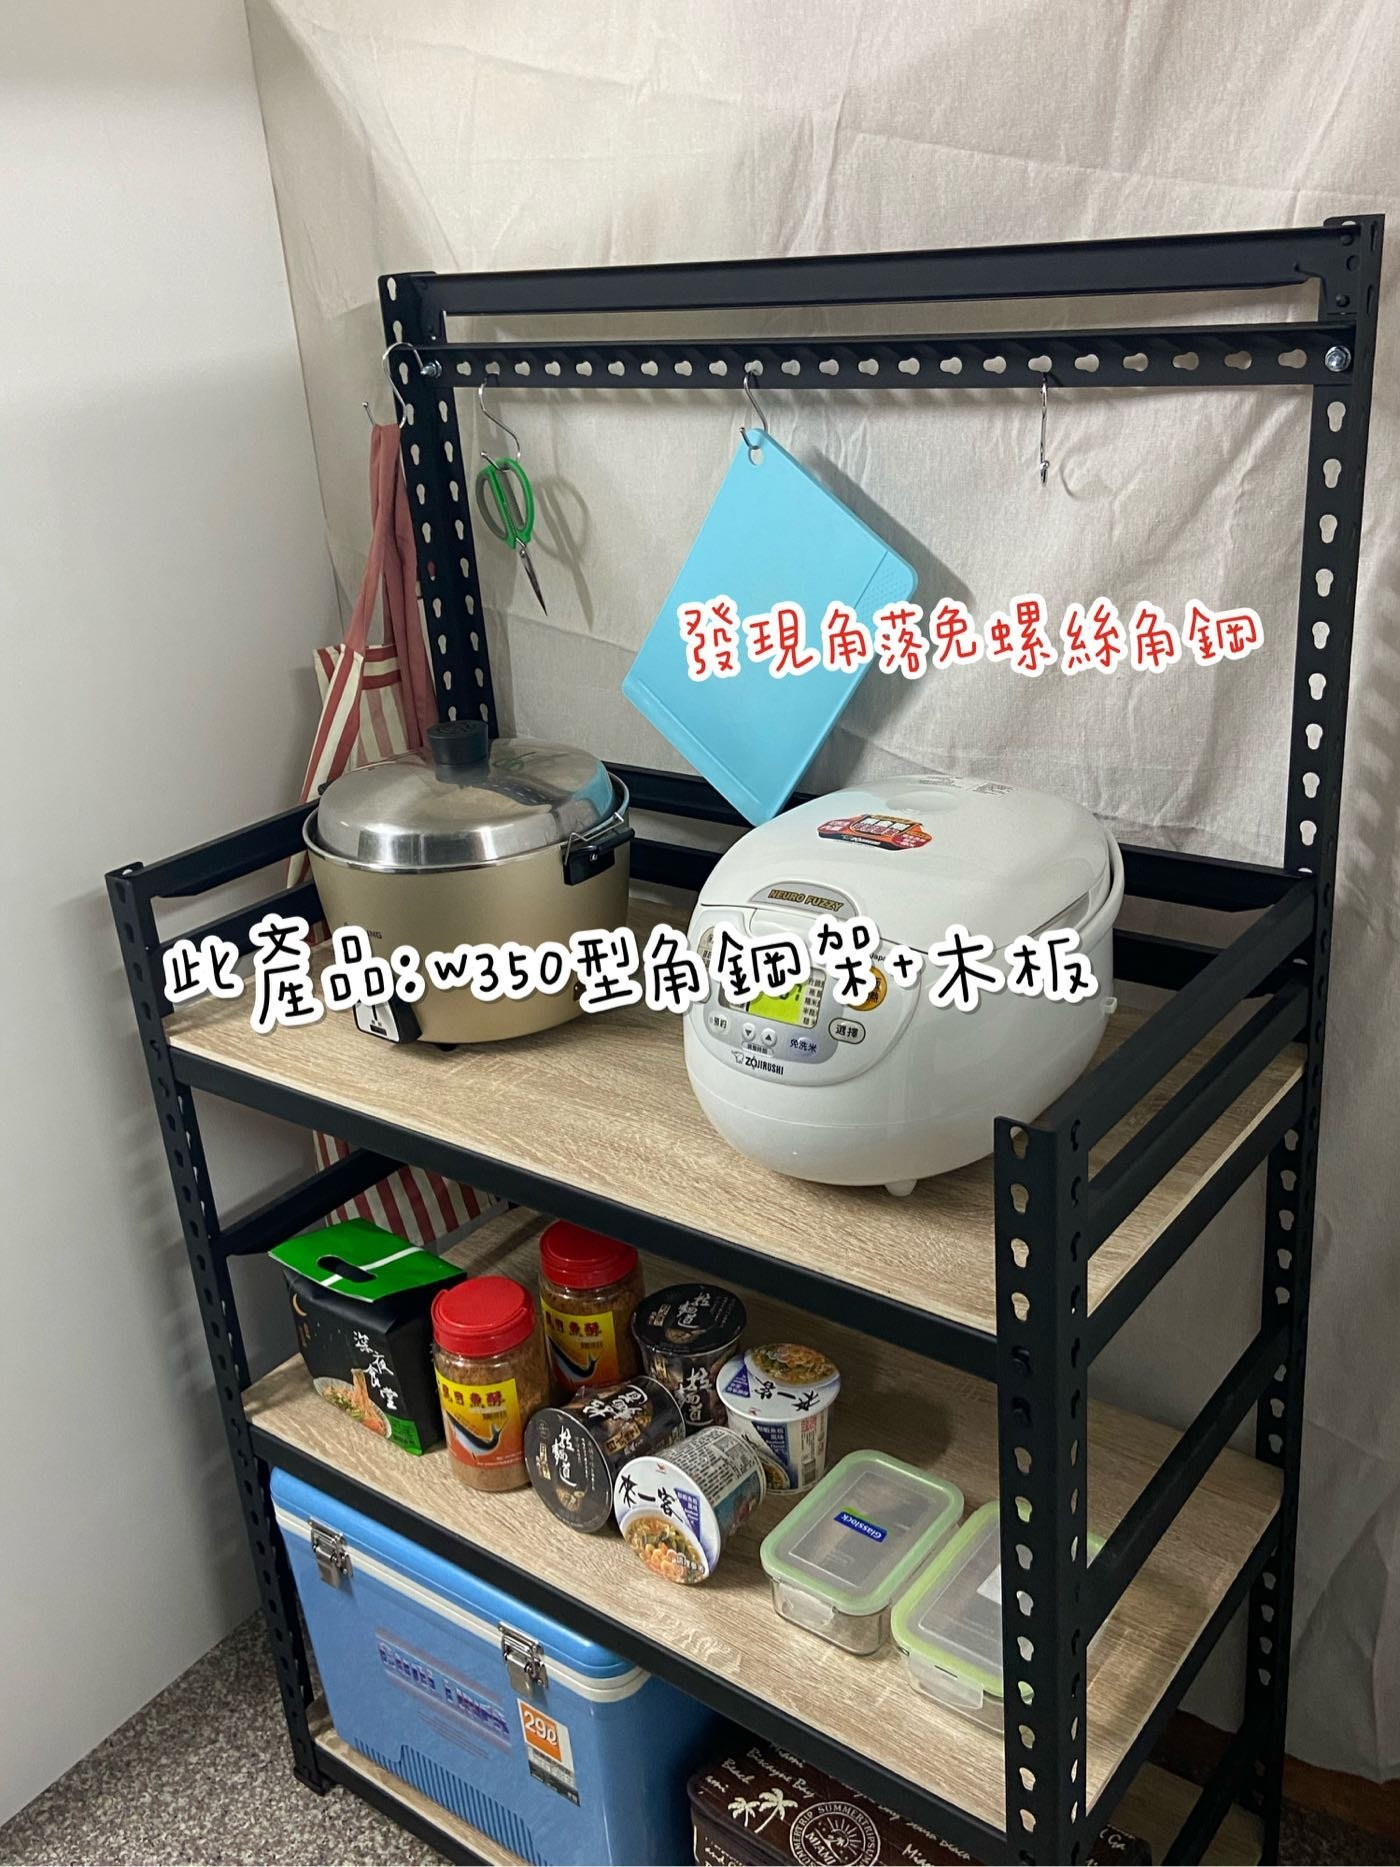 直購⬇️⬇️⬇️《廚房收納架 》發現角落 免螺絲角鋼 組合架  W350 窄版型角鋼 ◎獨家販售◎ 收納空間更大